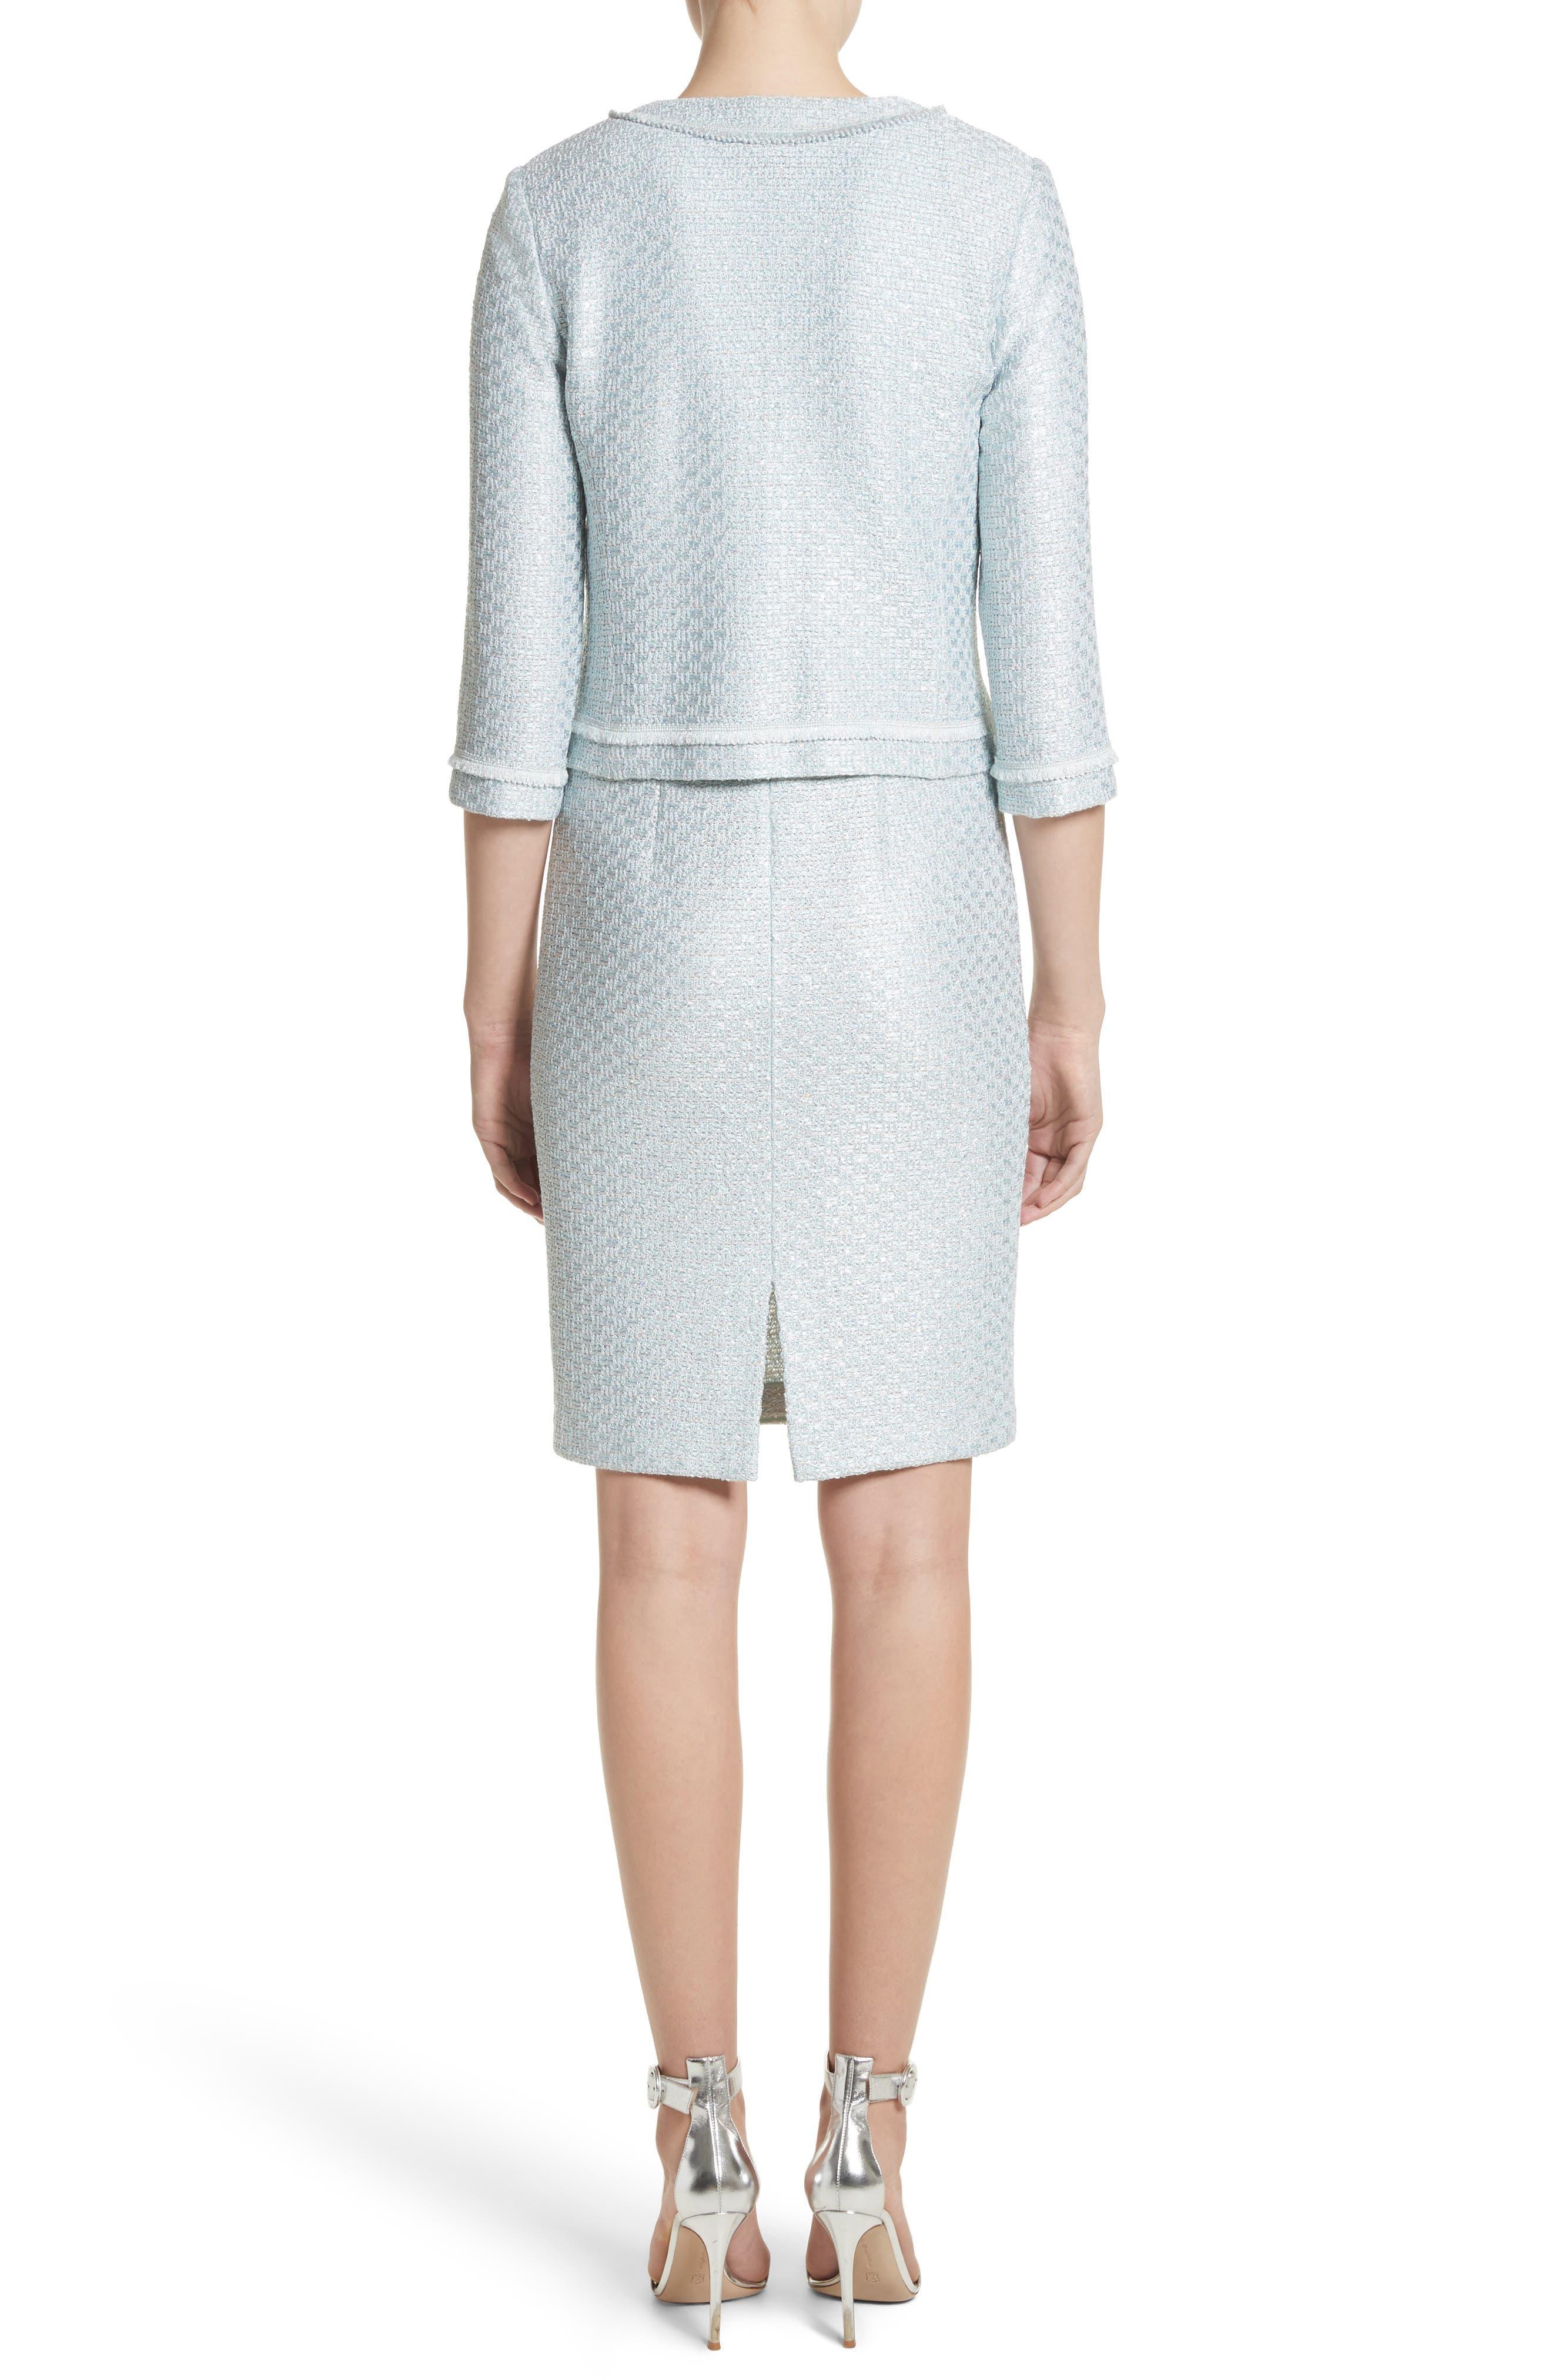 Hansh Sequin Knit Jacket,                             Alternate thumbnail 2, color,                             440